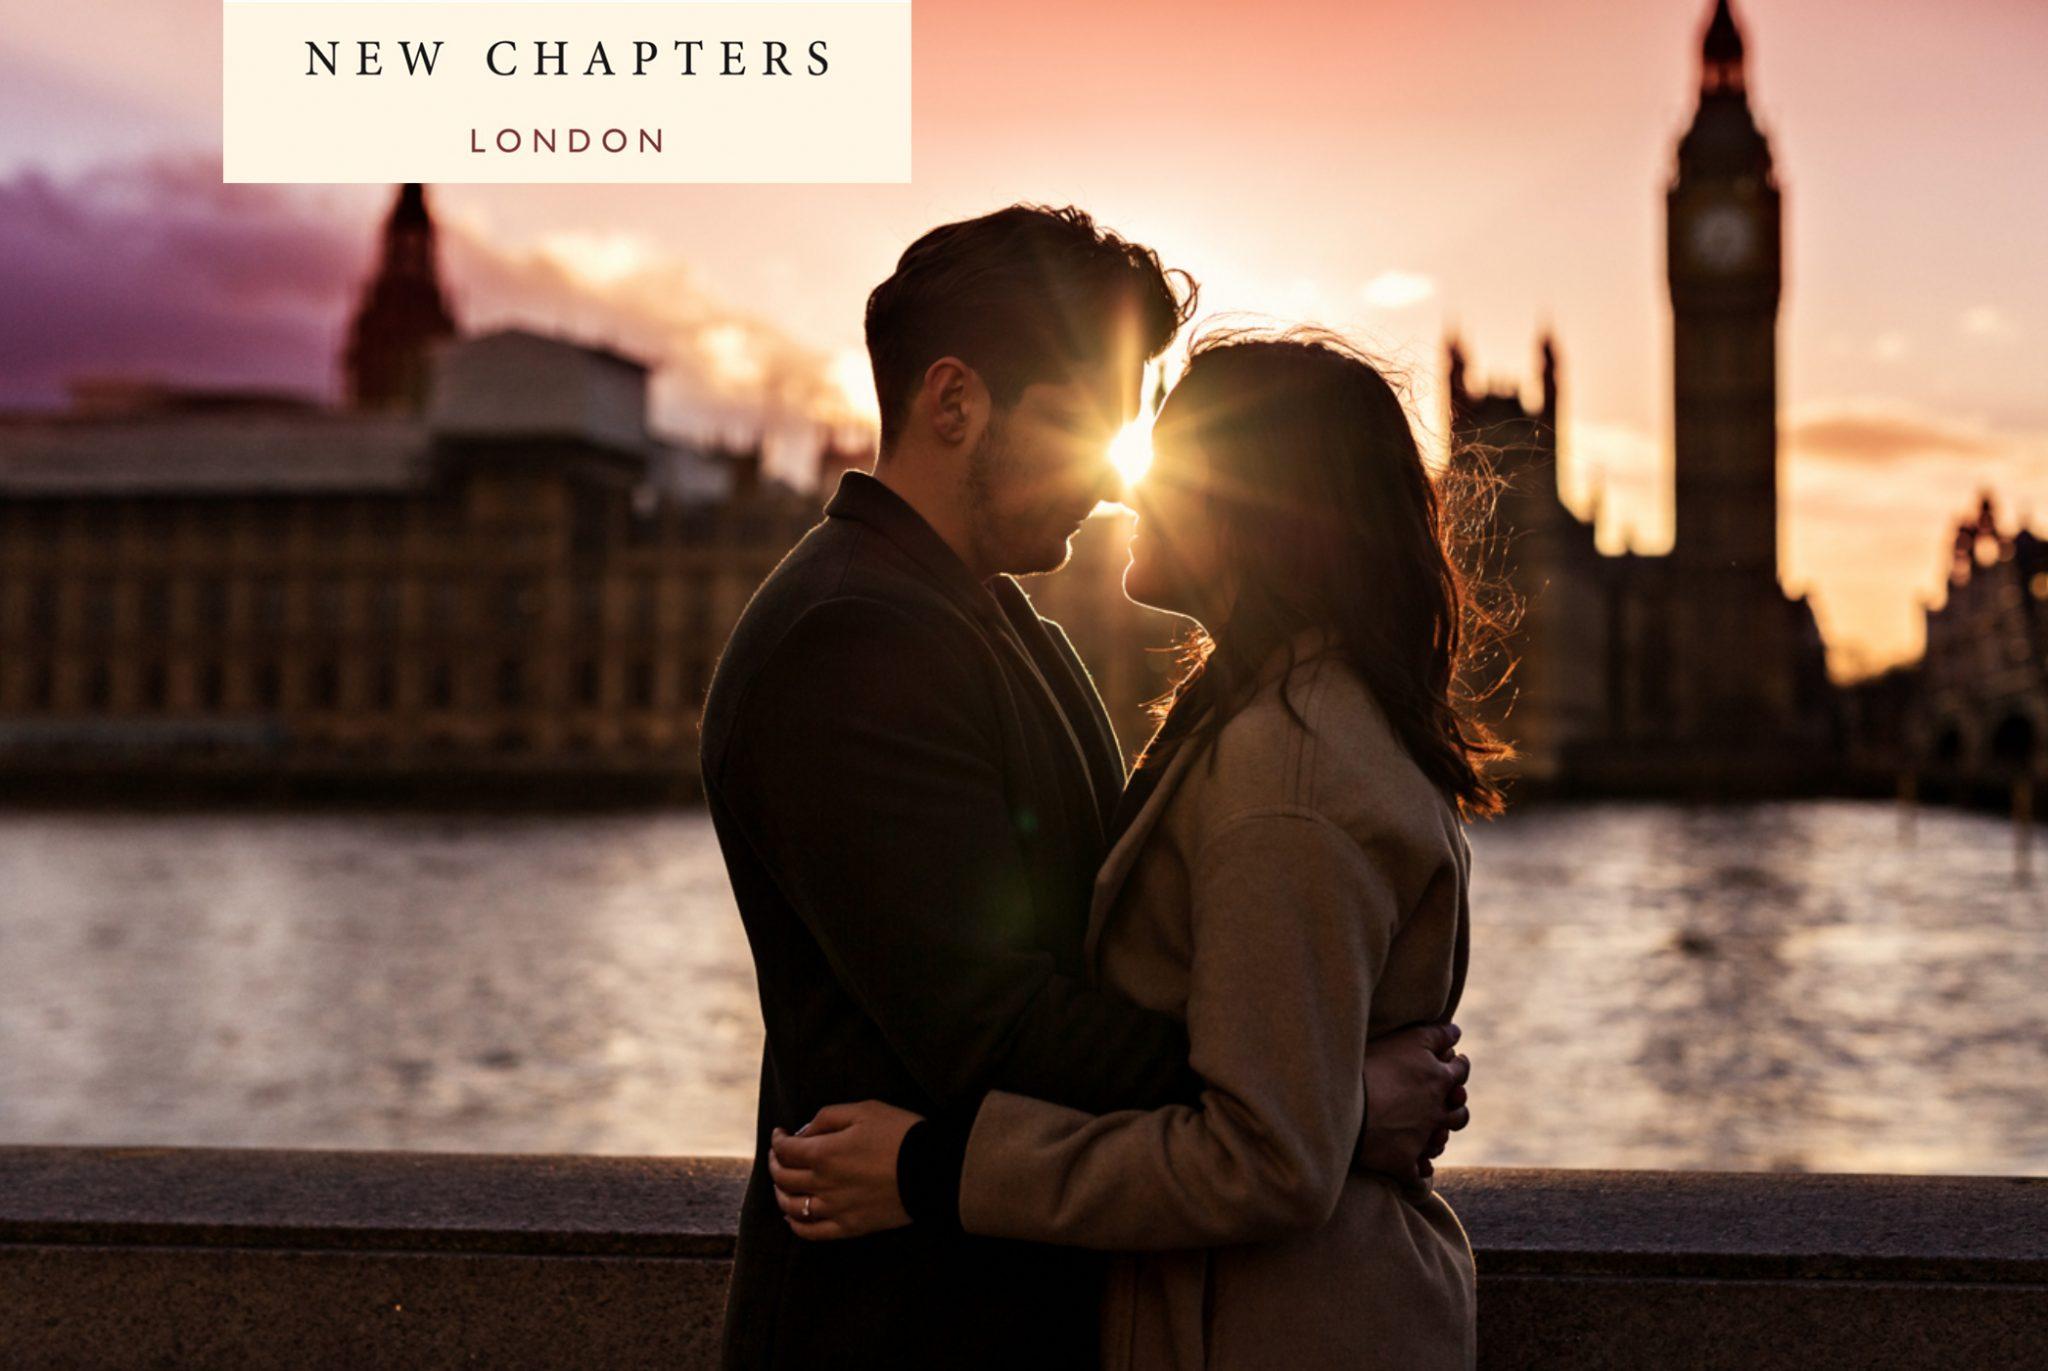 10 most romantic spots in London